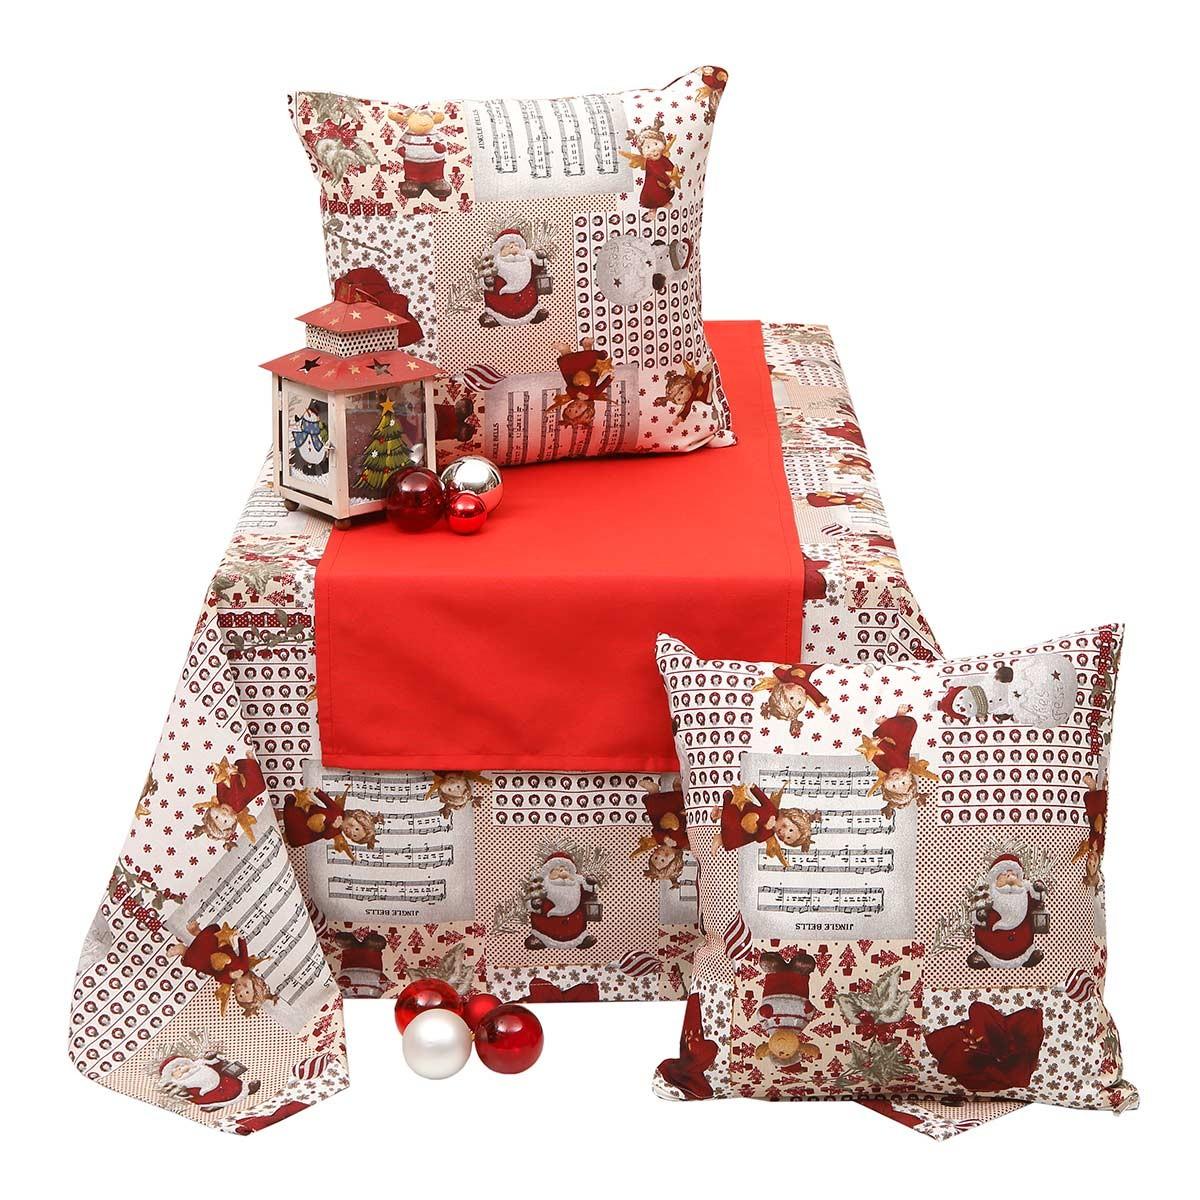 Χριστουγεννιάτικες Τραβέρσες (Σετ 2τμχ) Viopros 4435 home   χριστουγεννιάτικα   χριστουγεννιάτικες τραβέρσες